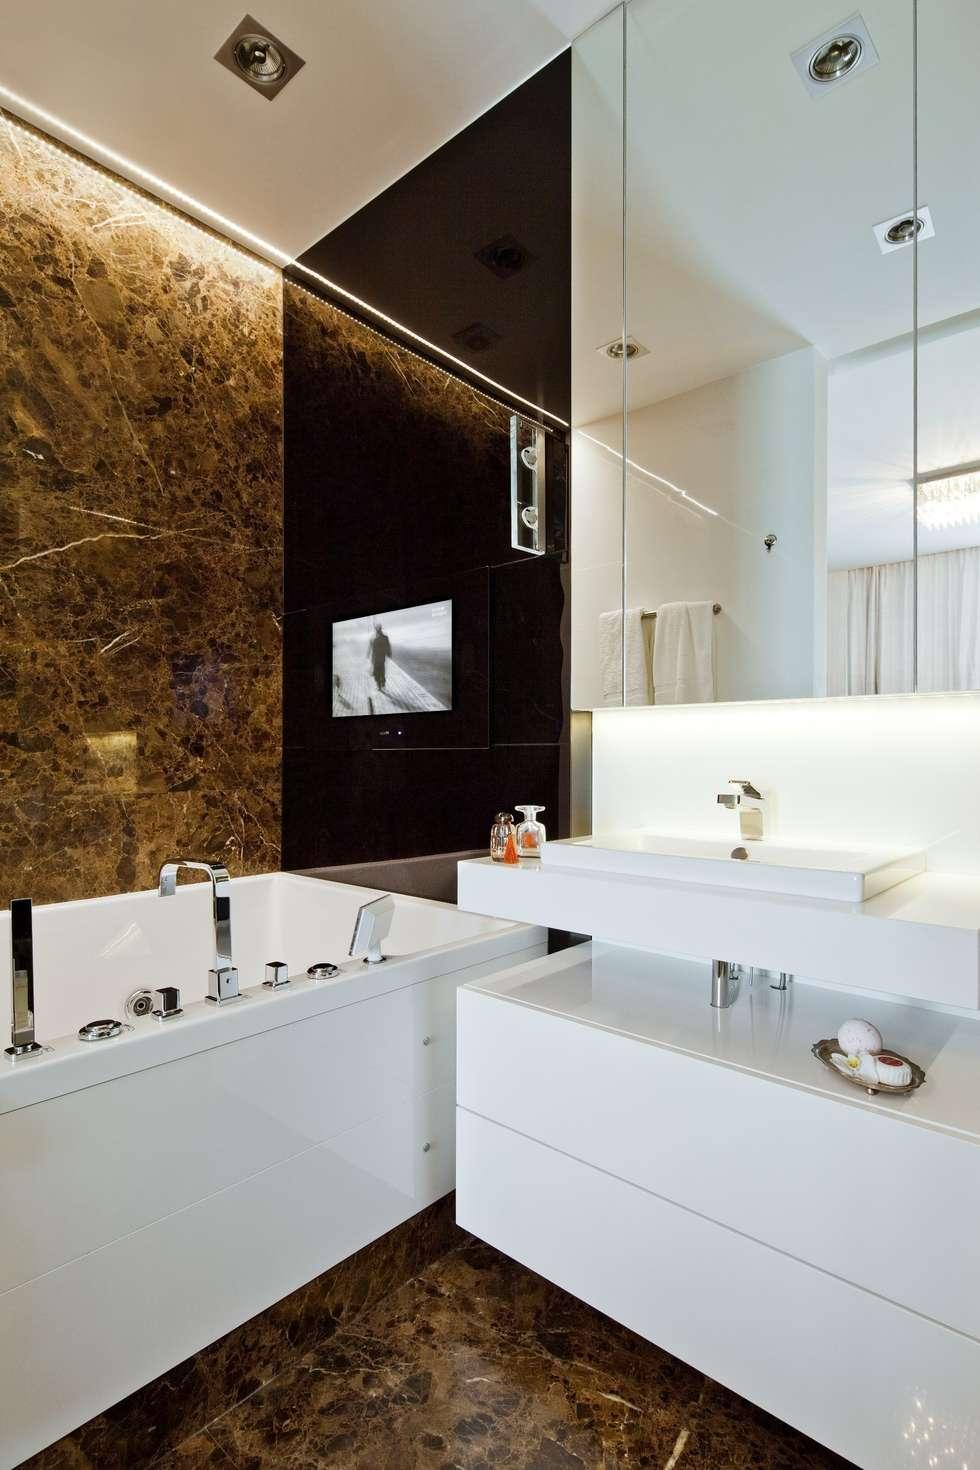 Łazienka pełna relaksu.: styl , w kategorii Łazienka zaprojektowany przez living box